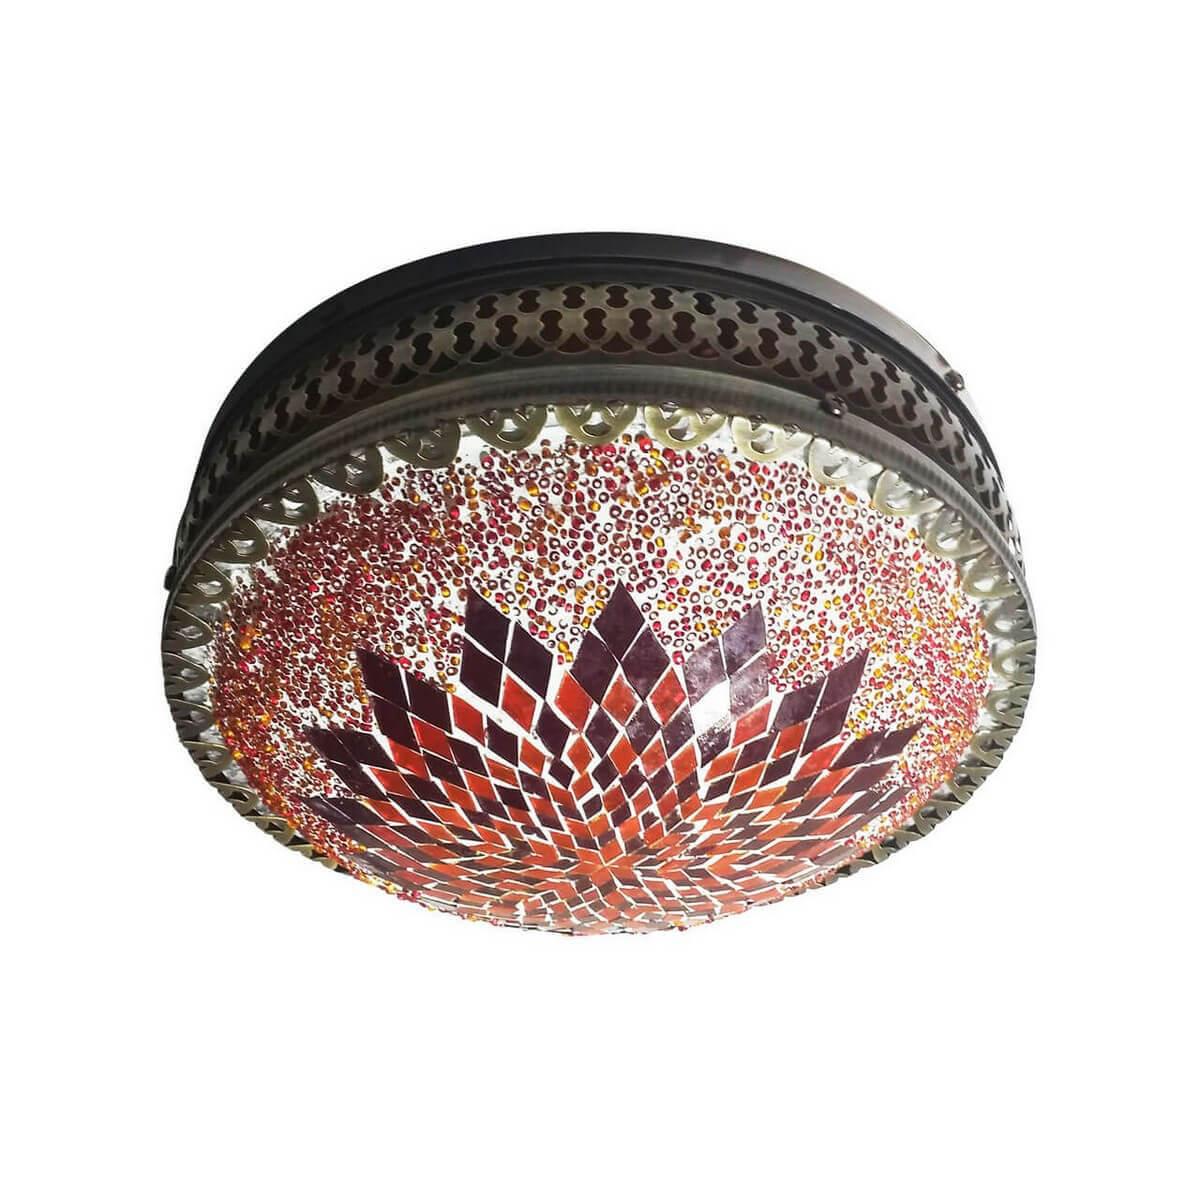 Настенно-потолочный светильник Kink Light Марокко 1030,09 kink light подвес оскар оранжевый h 120 w 51 36 e27 3 60w